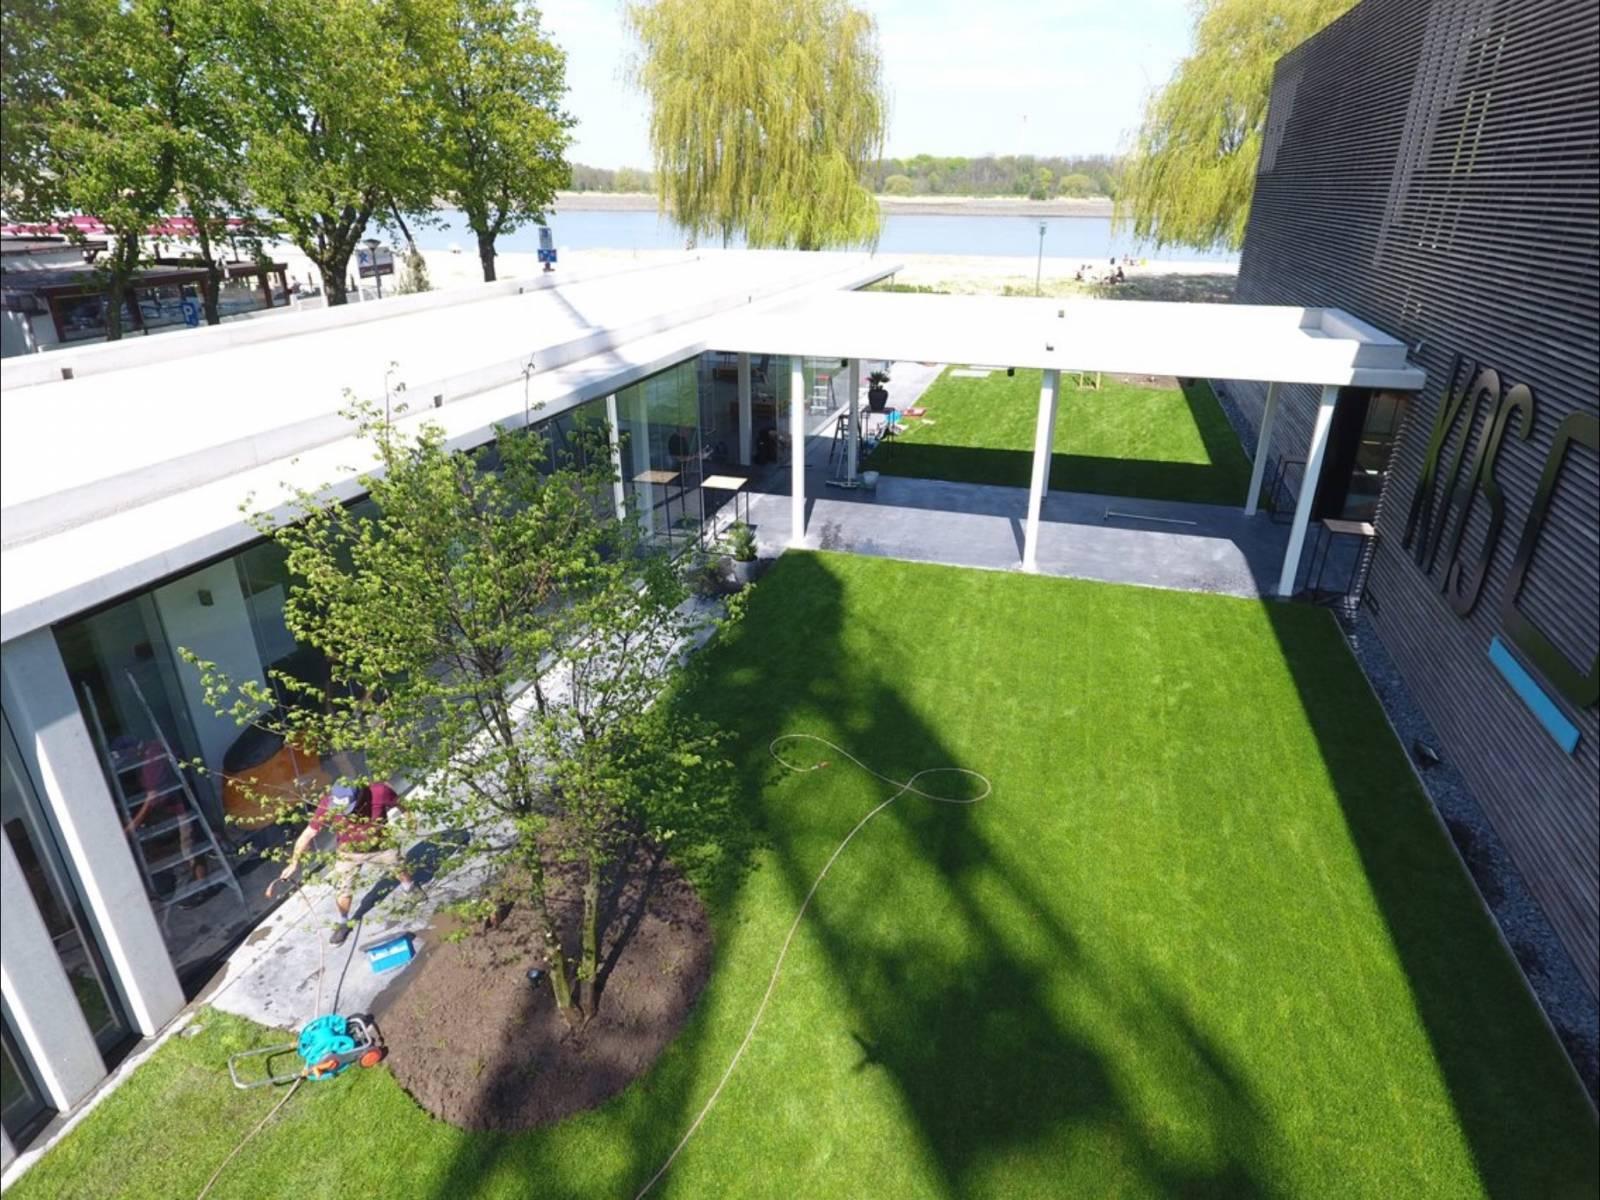 KAS Kunst aan de Stroom - Feestlocatie - Eventlocatie - Feestzaal - House of Events & House of Weddings - 7